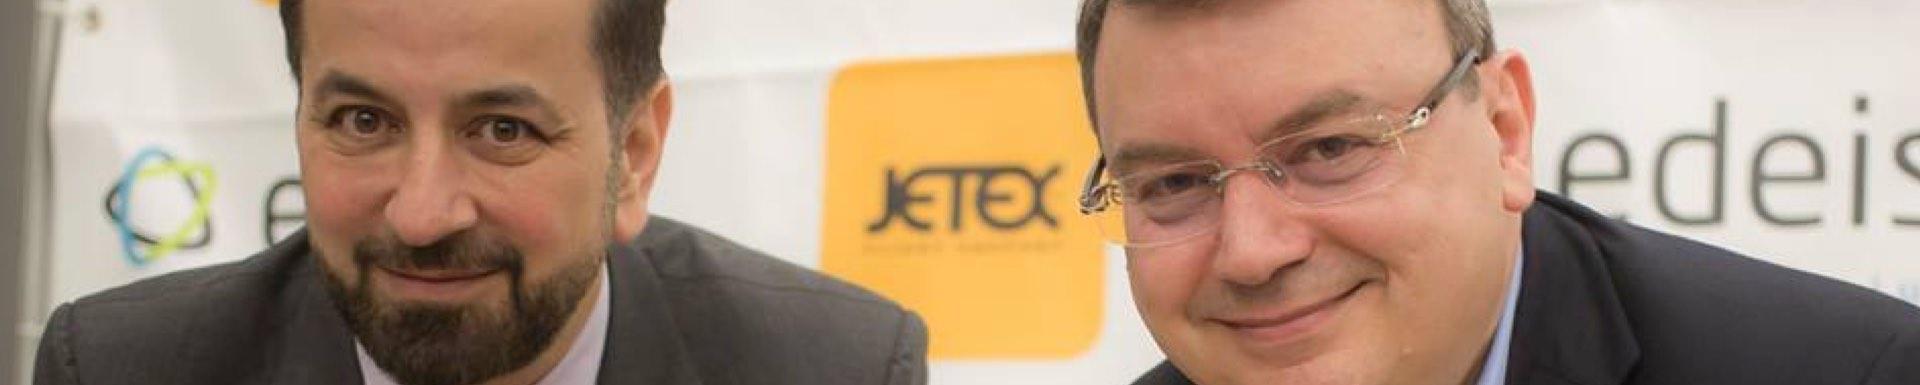 Edeis signe un accord stratégique avec JETEX, leader mondial des services pour l'aviation d'affaires